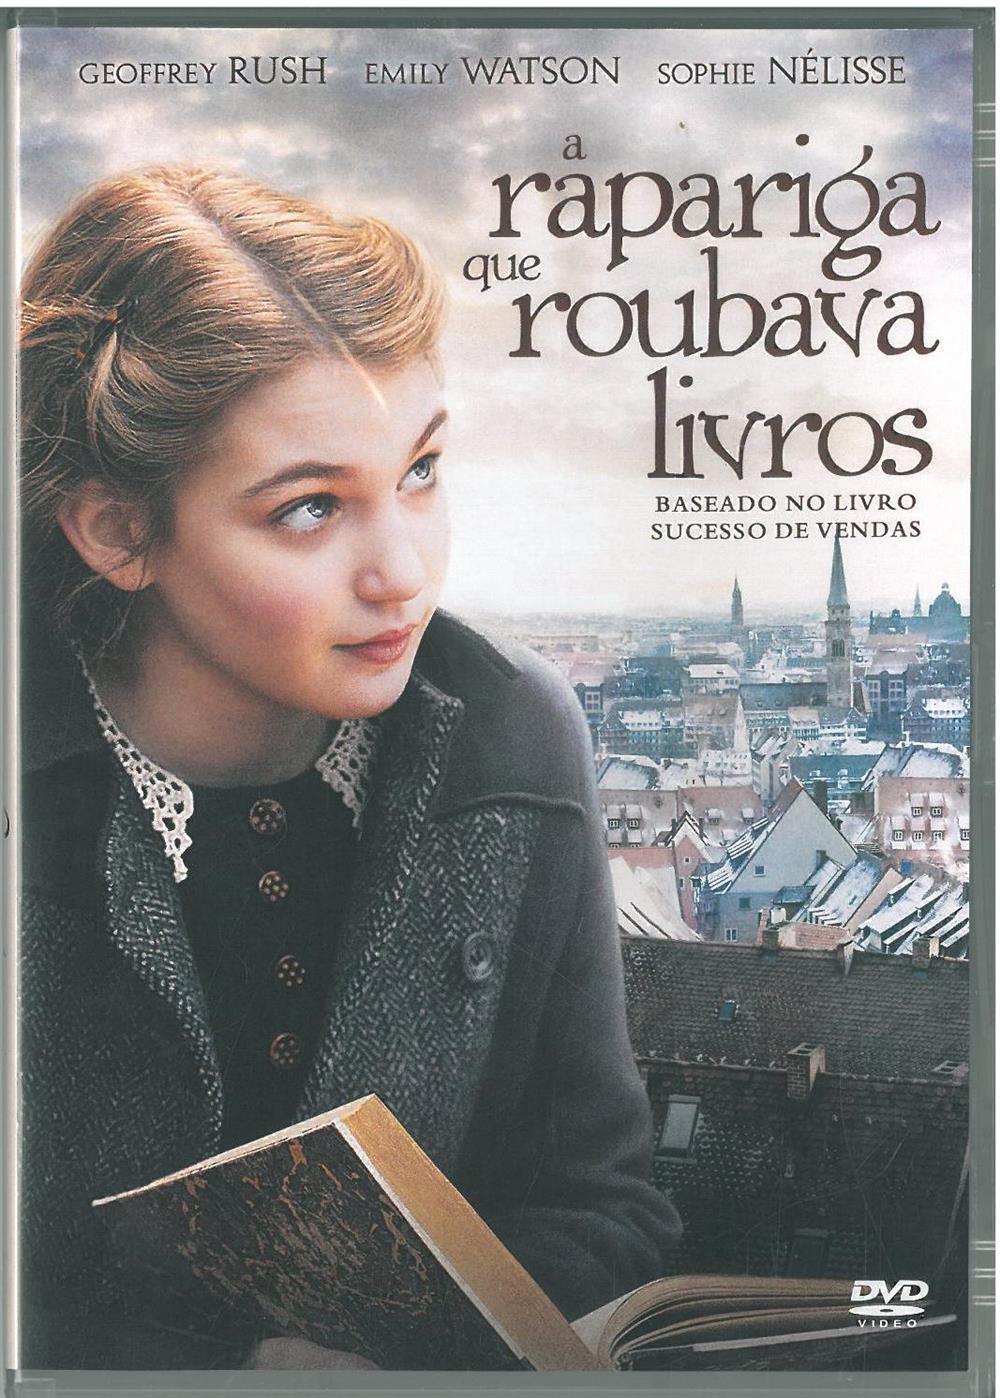 A rapariga que roubava livros_DVD.jpg